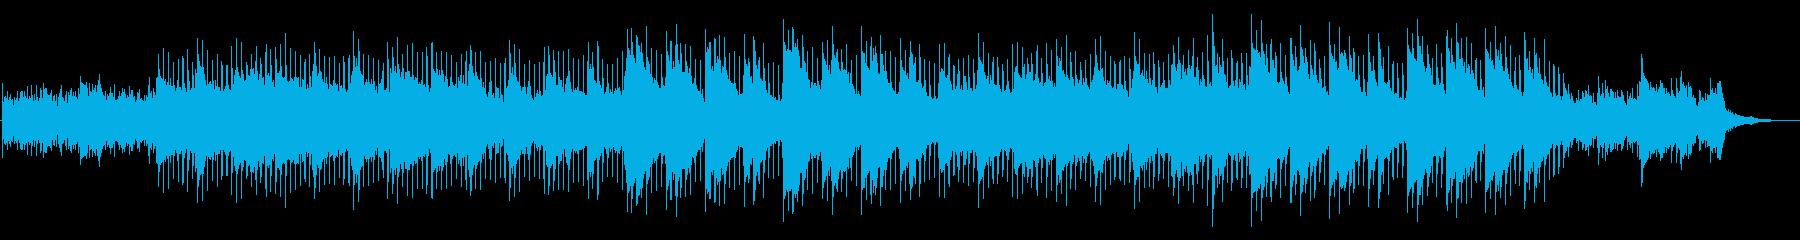 企業VP・軽快・感動・さわやか・ピアノの再生済みの波形